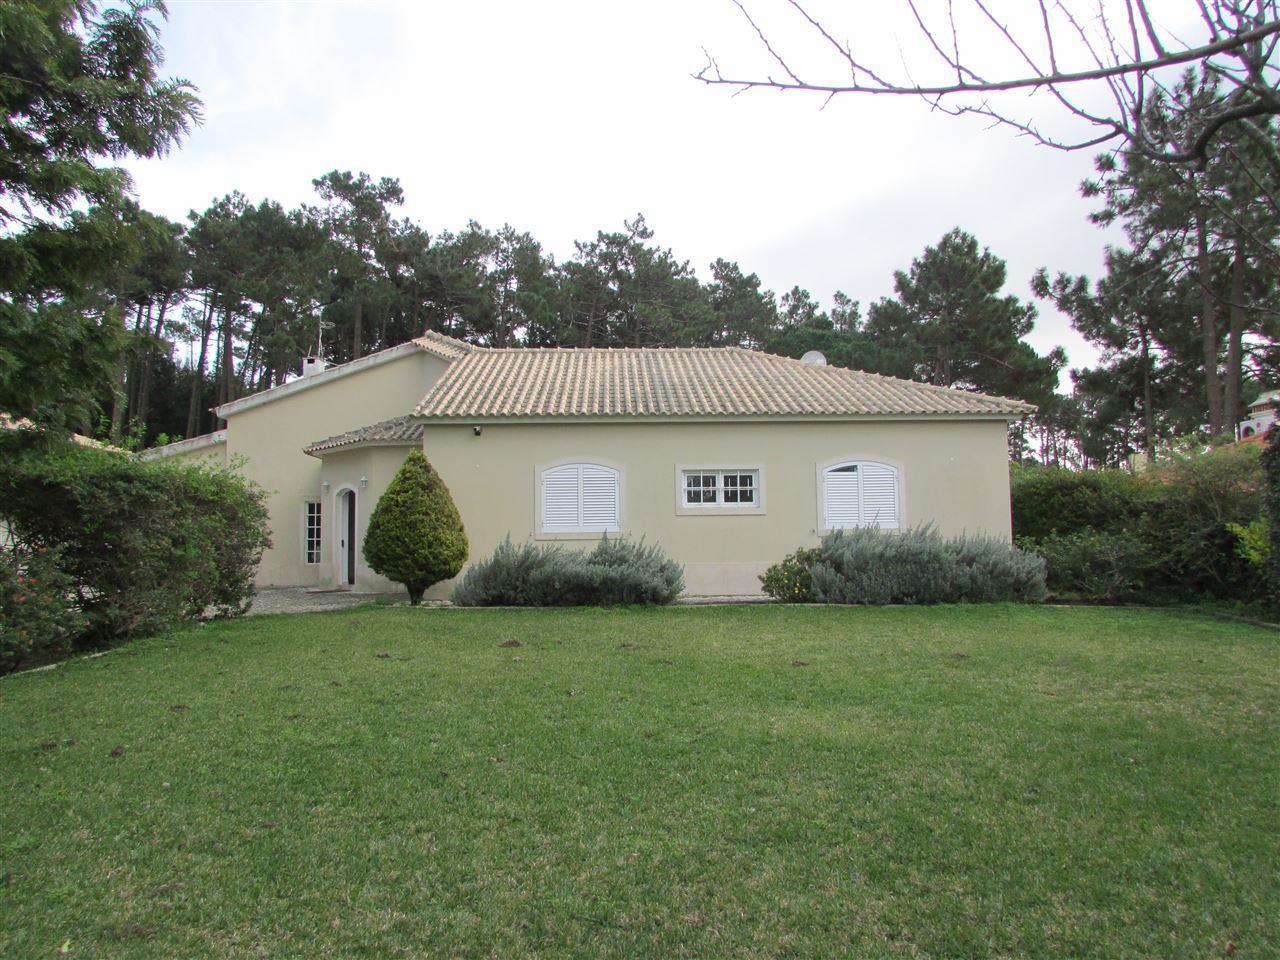 独户住宅 为 销售 在 House, 5 bedrooms, for Sale 辛特拉, 葡京, 2705-355 葡萄牙